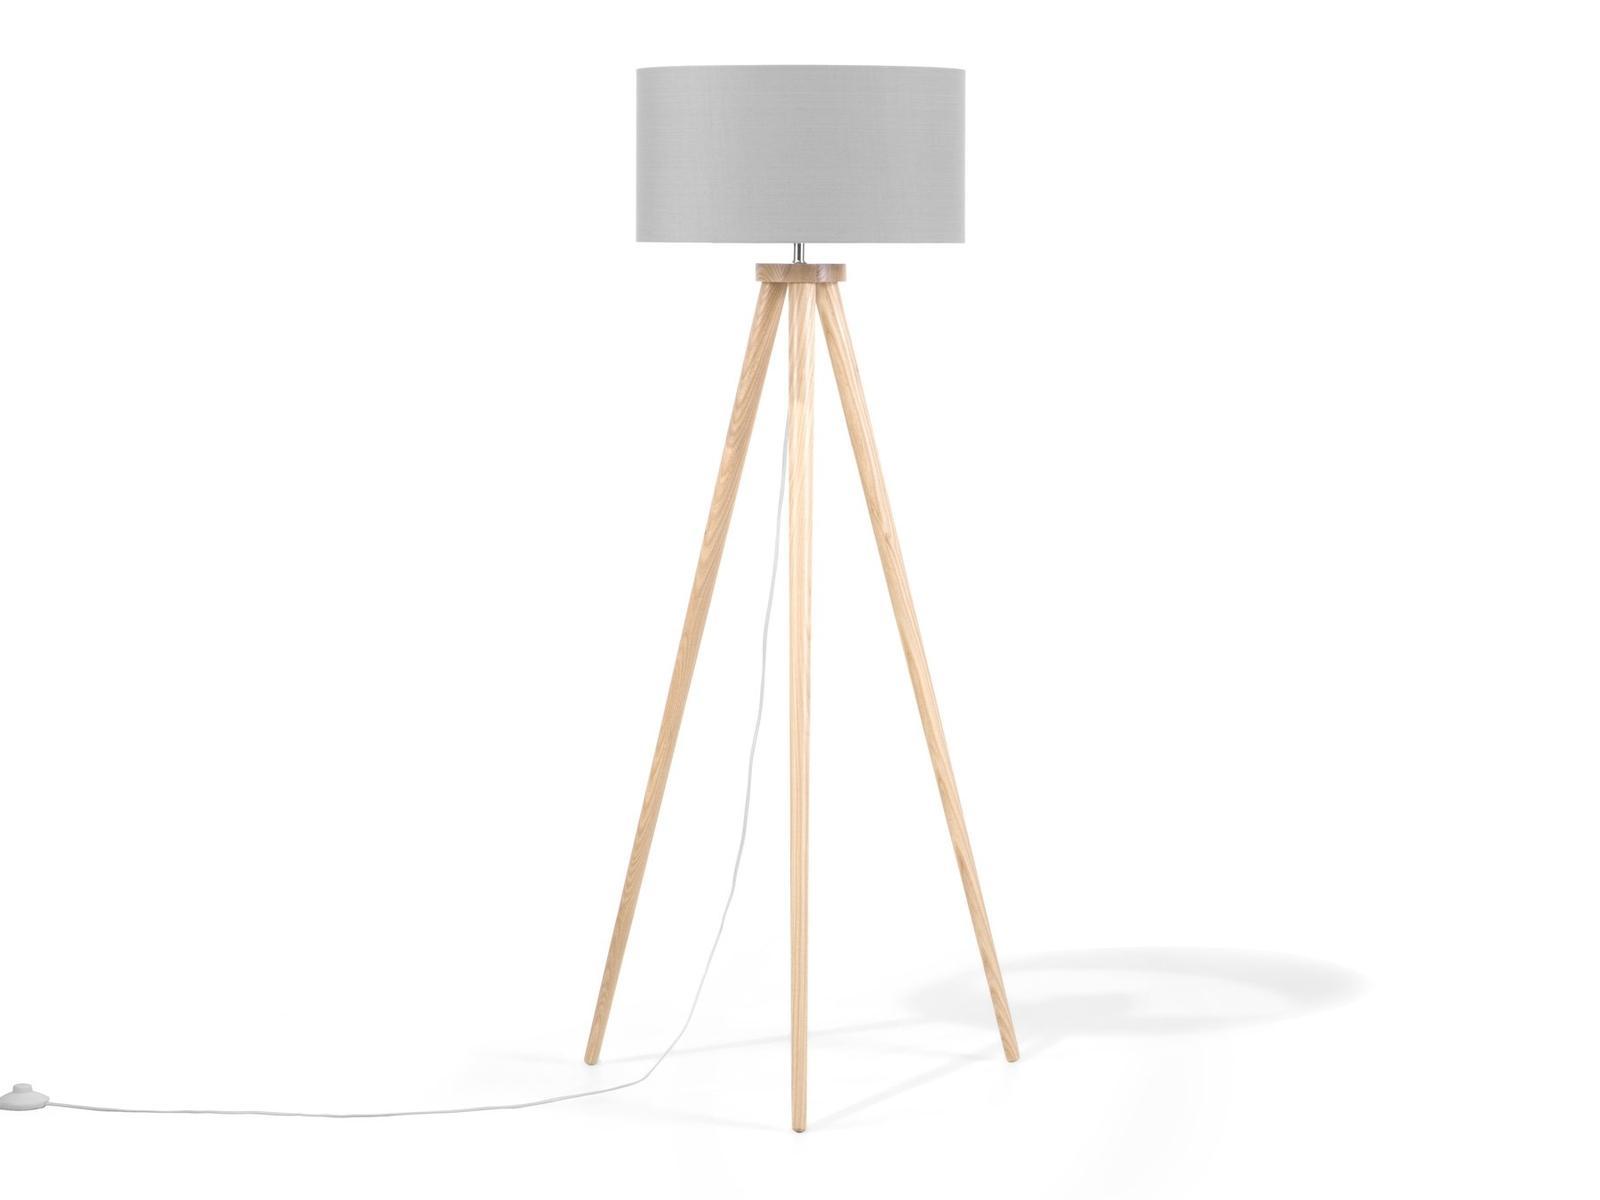 takže máme tu favority na téma stojací lampa¨ rozhoduju se mezi - Obrázek č. 3